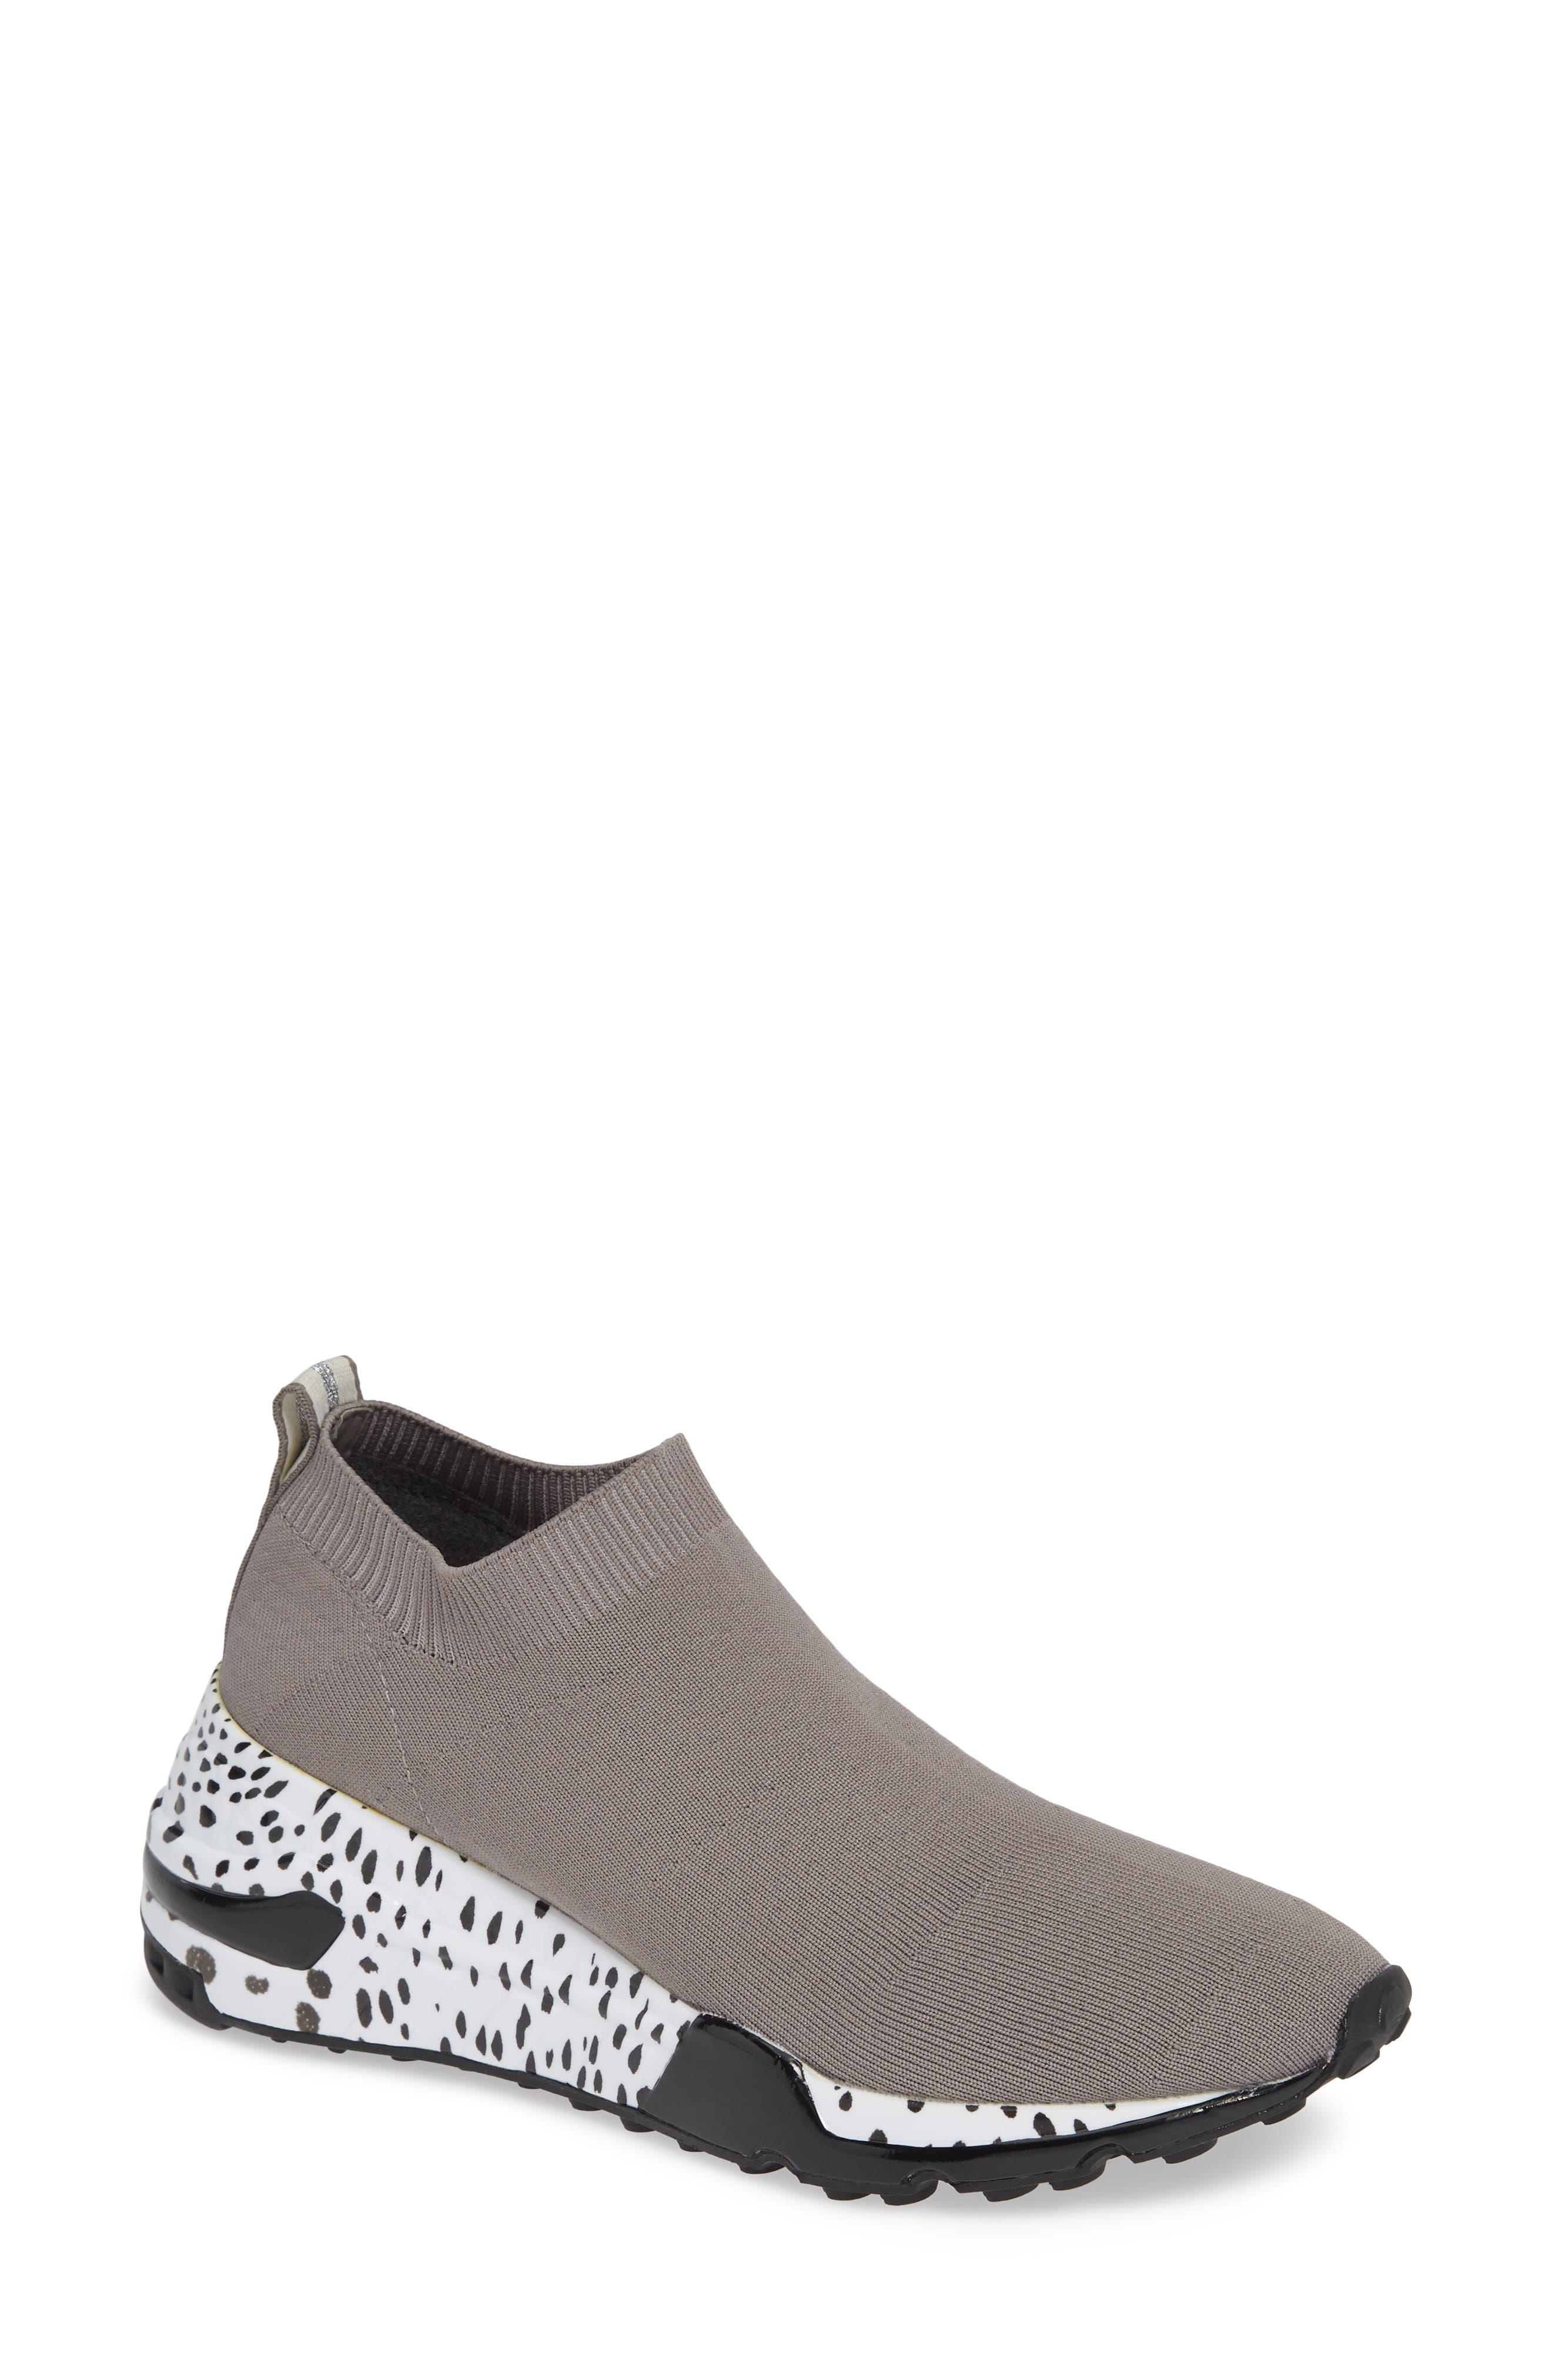 Cloud Sock Wedge Sneaker,                             Main thumbnail 1, color,                             GREY